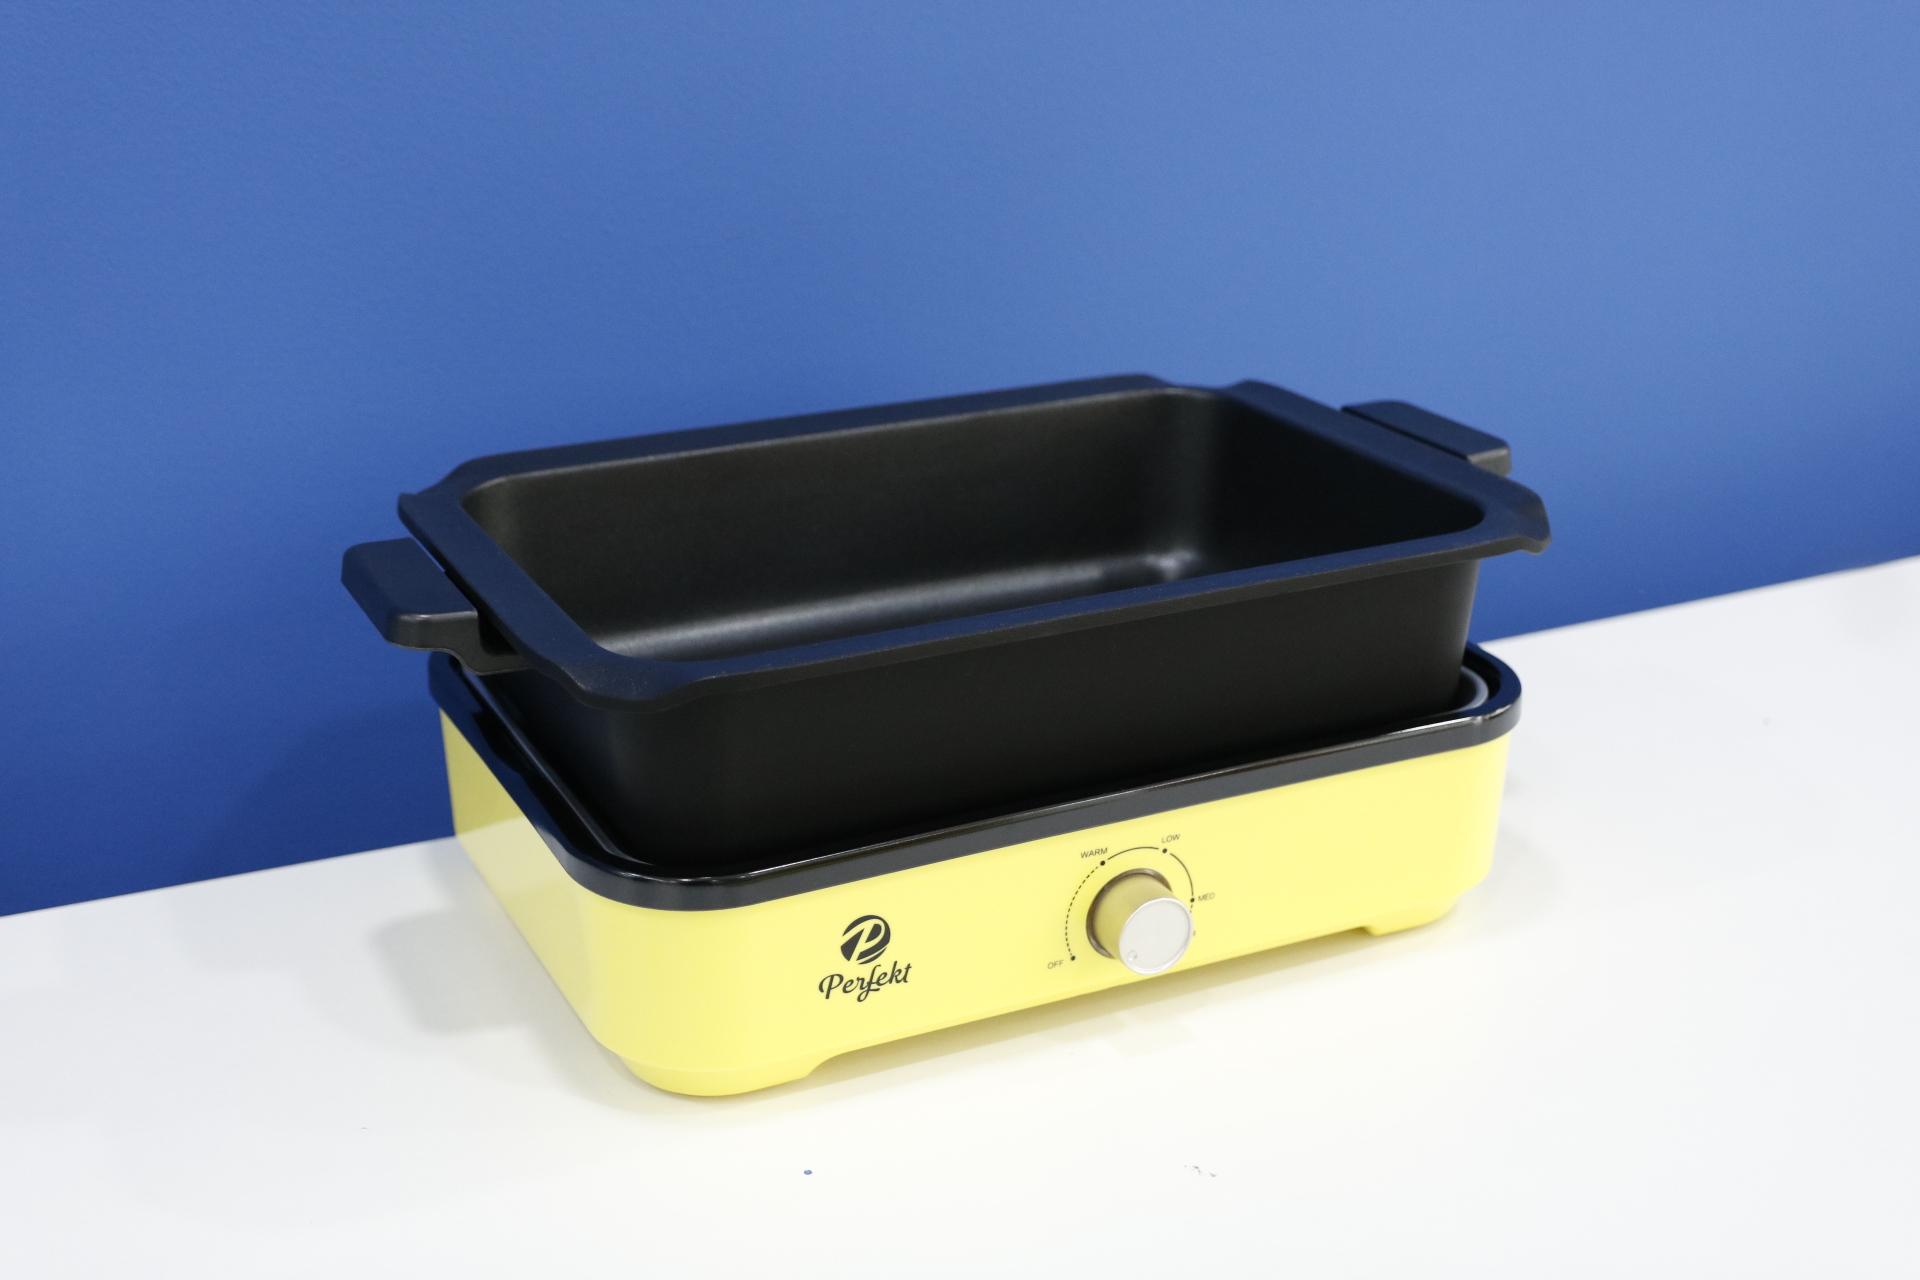 Nồi điện đa năng 5 trong 1 (Nướng, Lẩu, Chiên, Xào, và bánh pancake) cao cấp